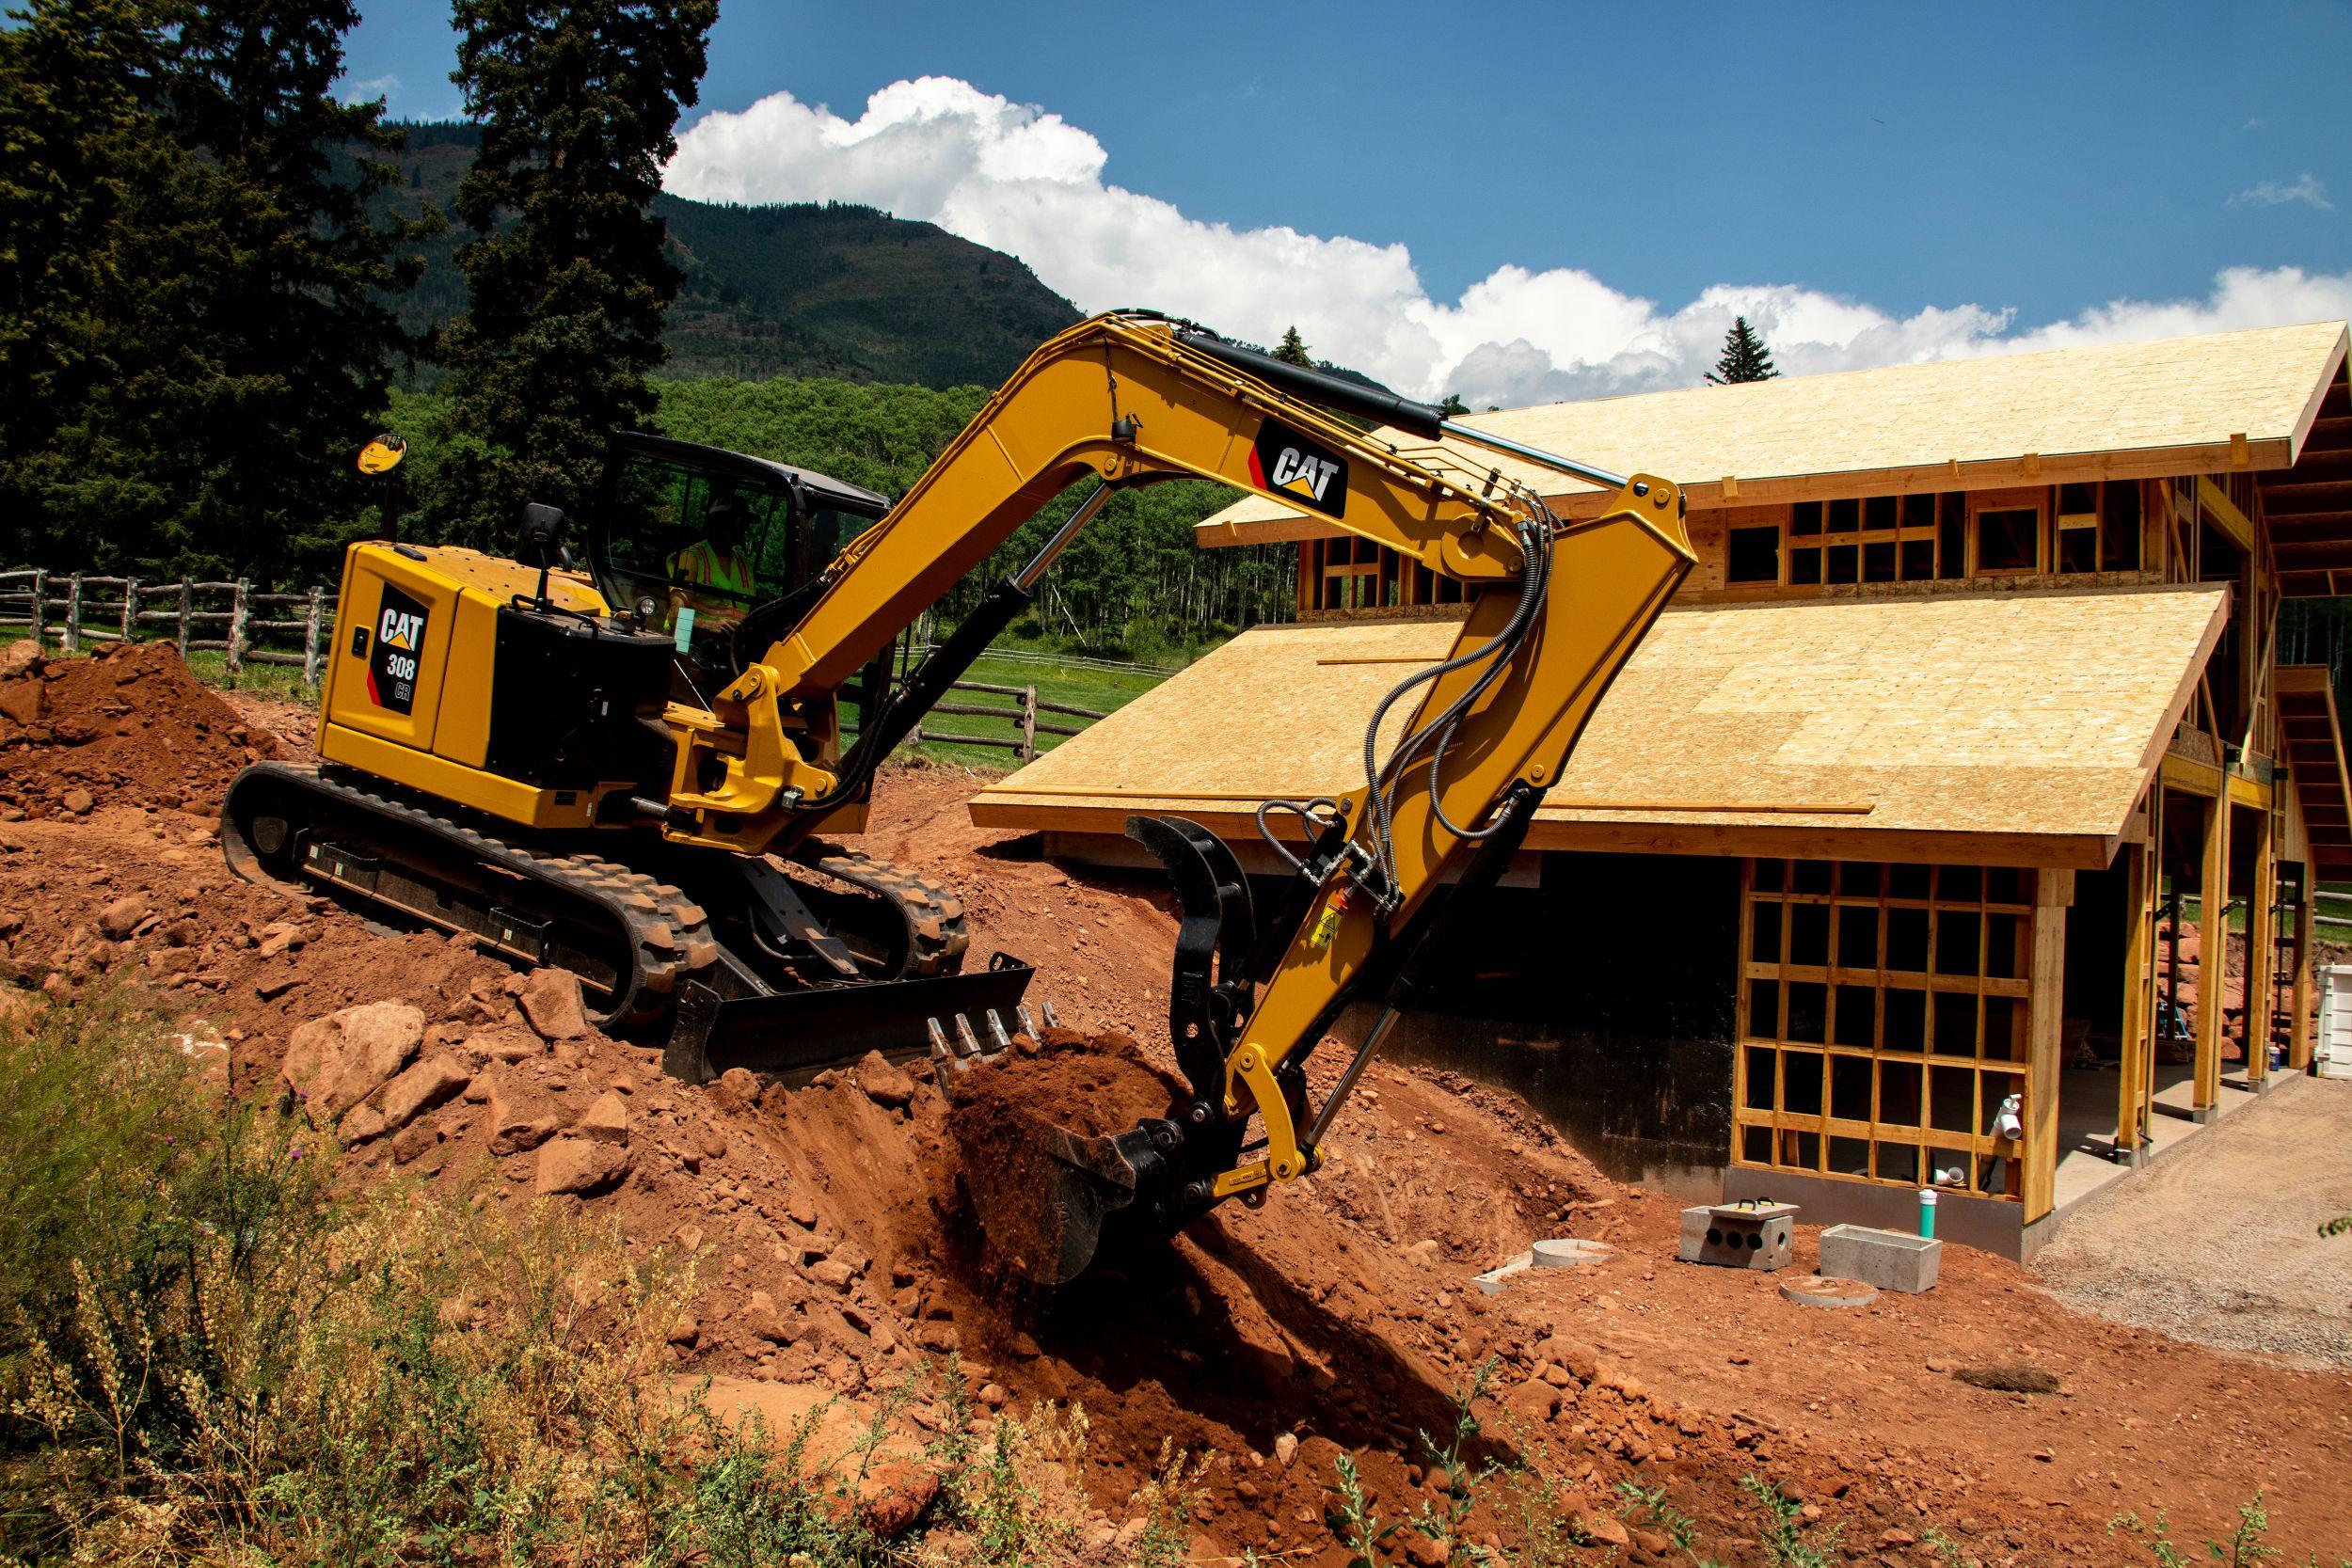 The Cat Next Generation 308 CR mini excavator